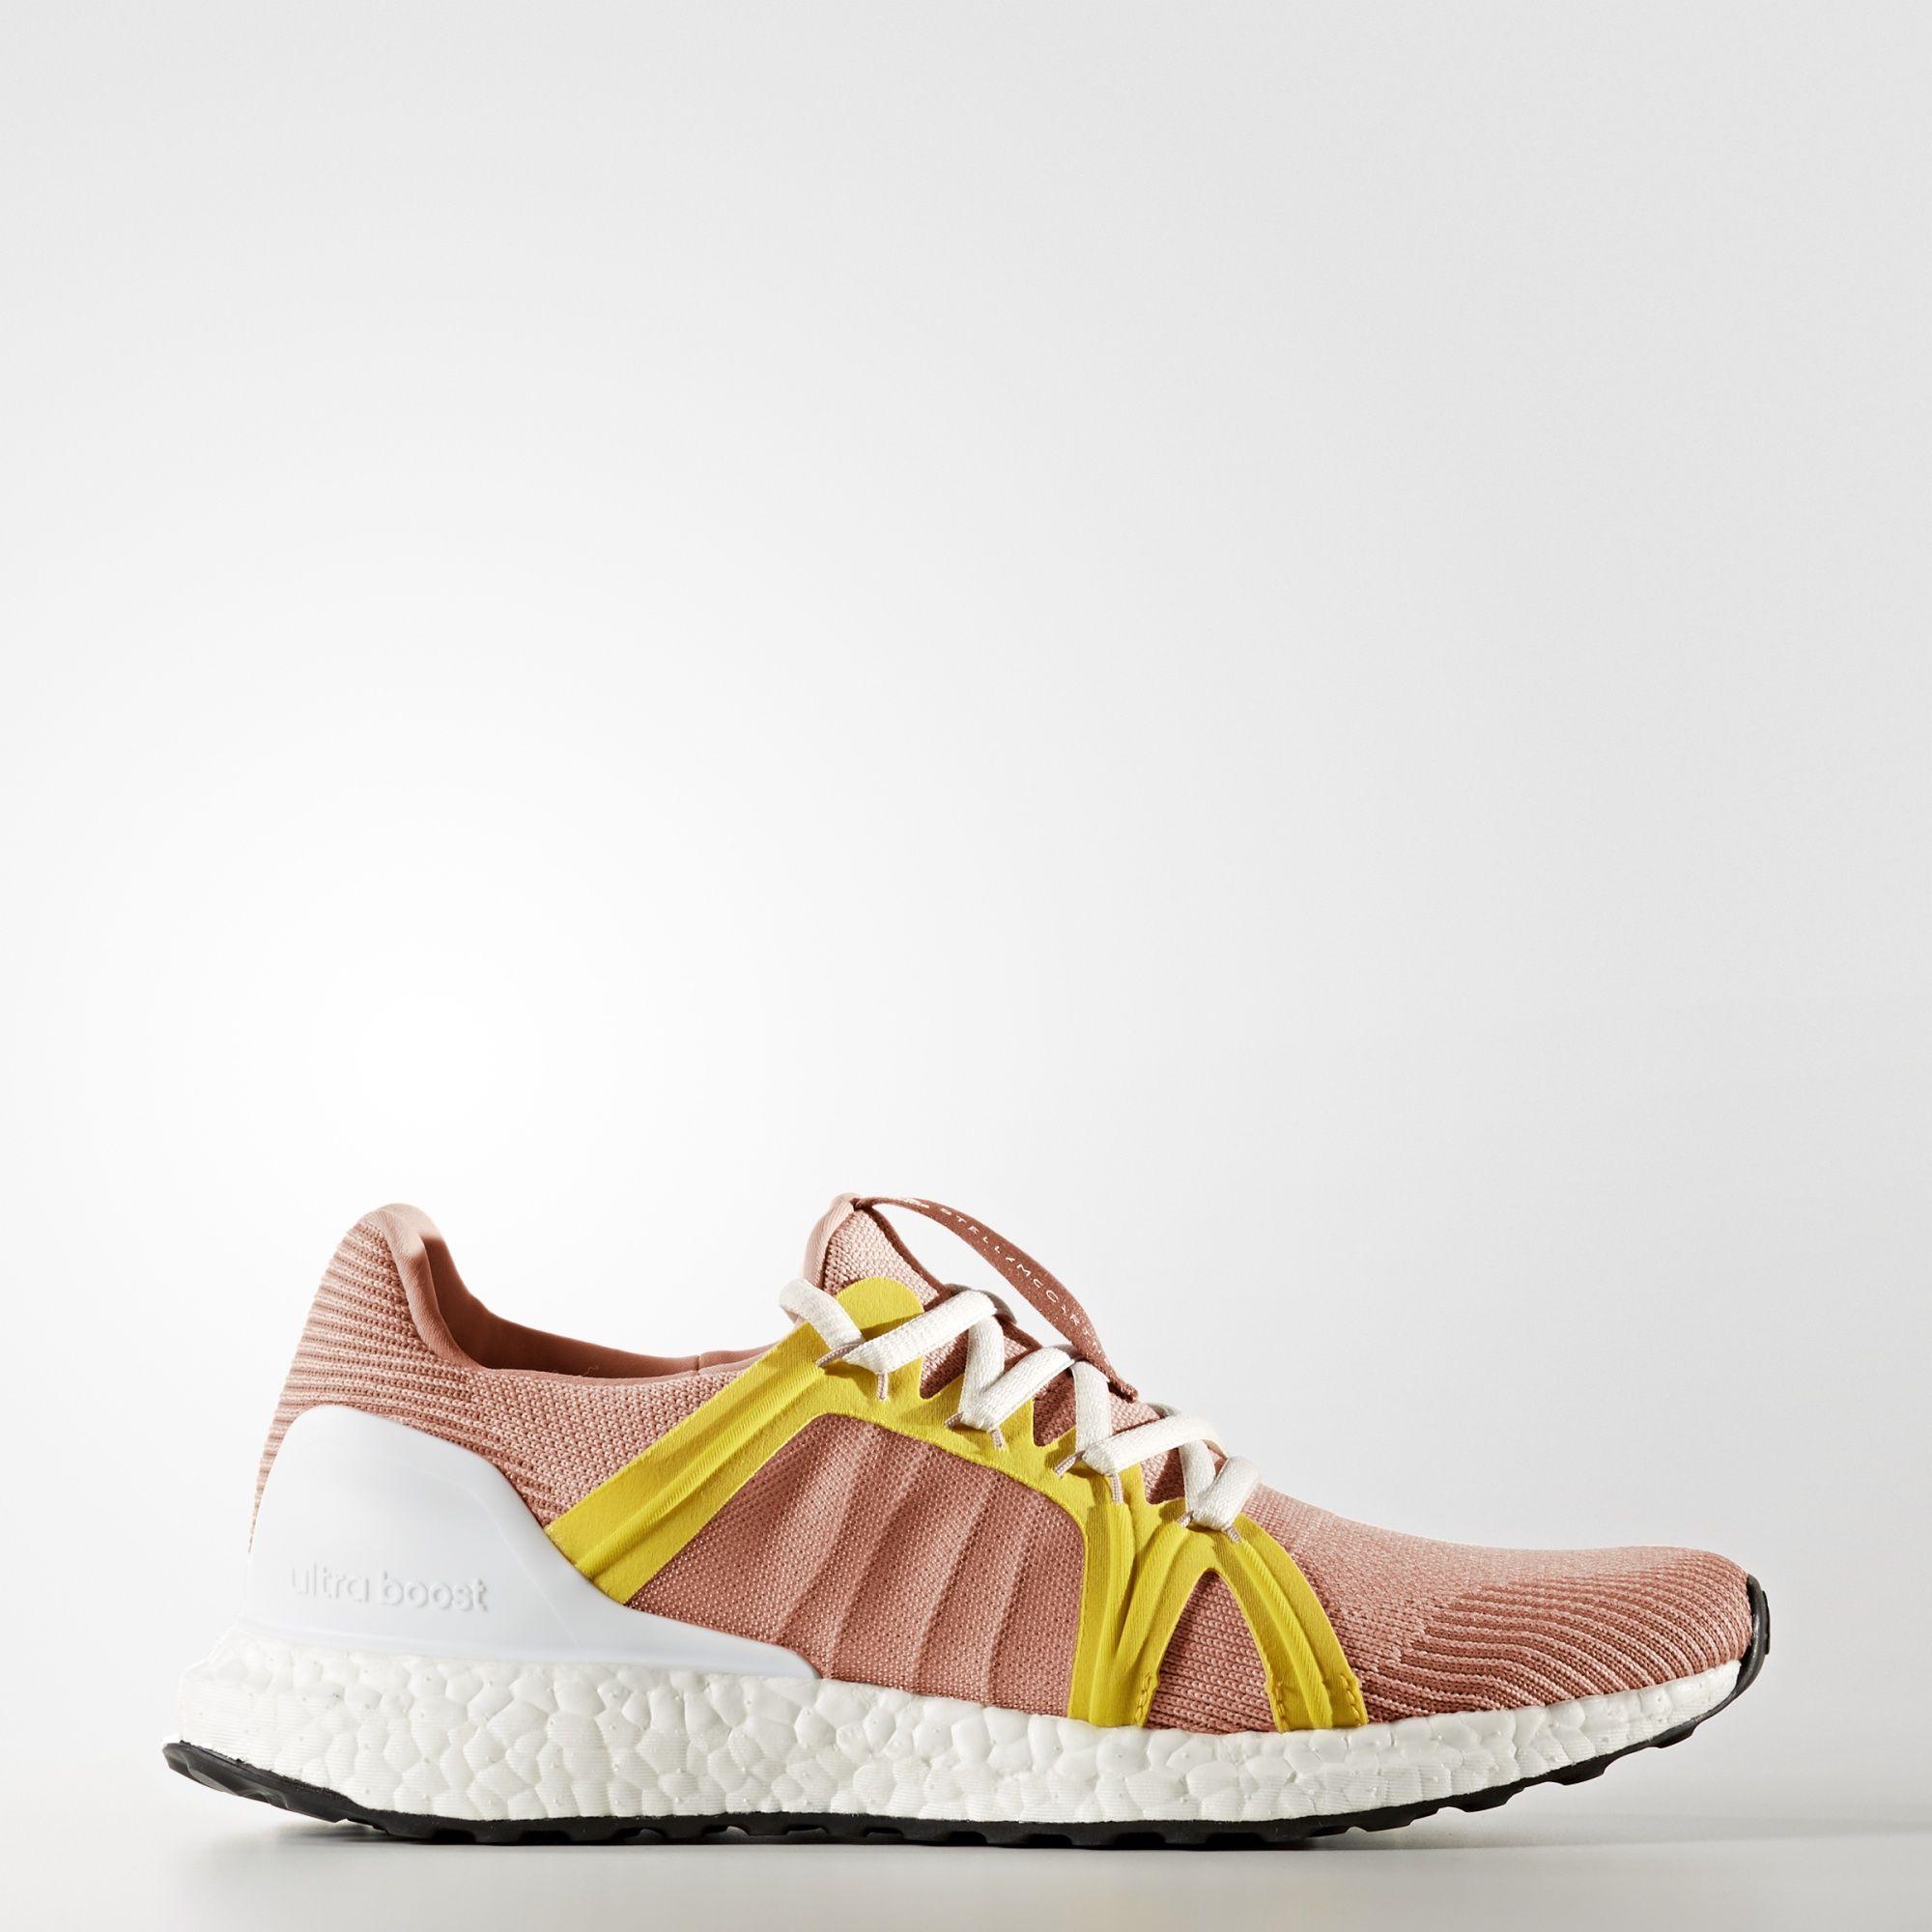 Pin by Danielle Ferchoff on wishlist | Adidas ultra boost